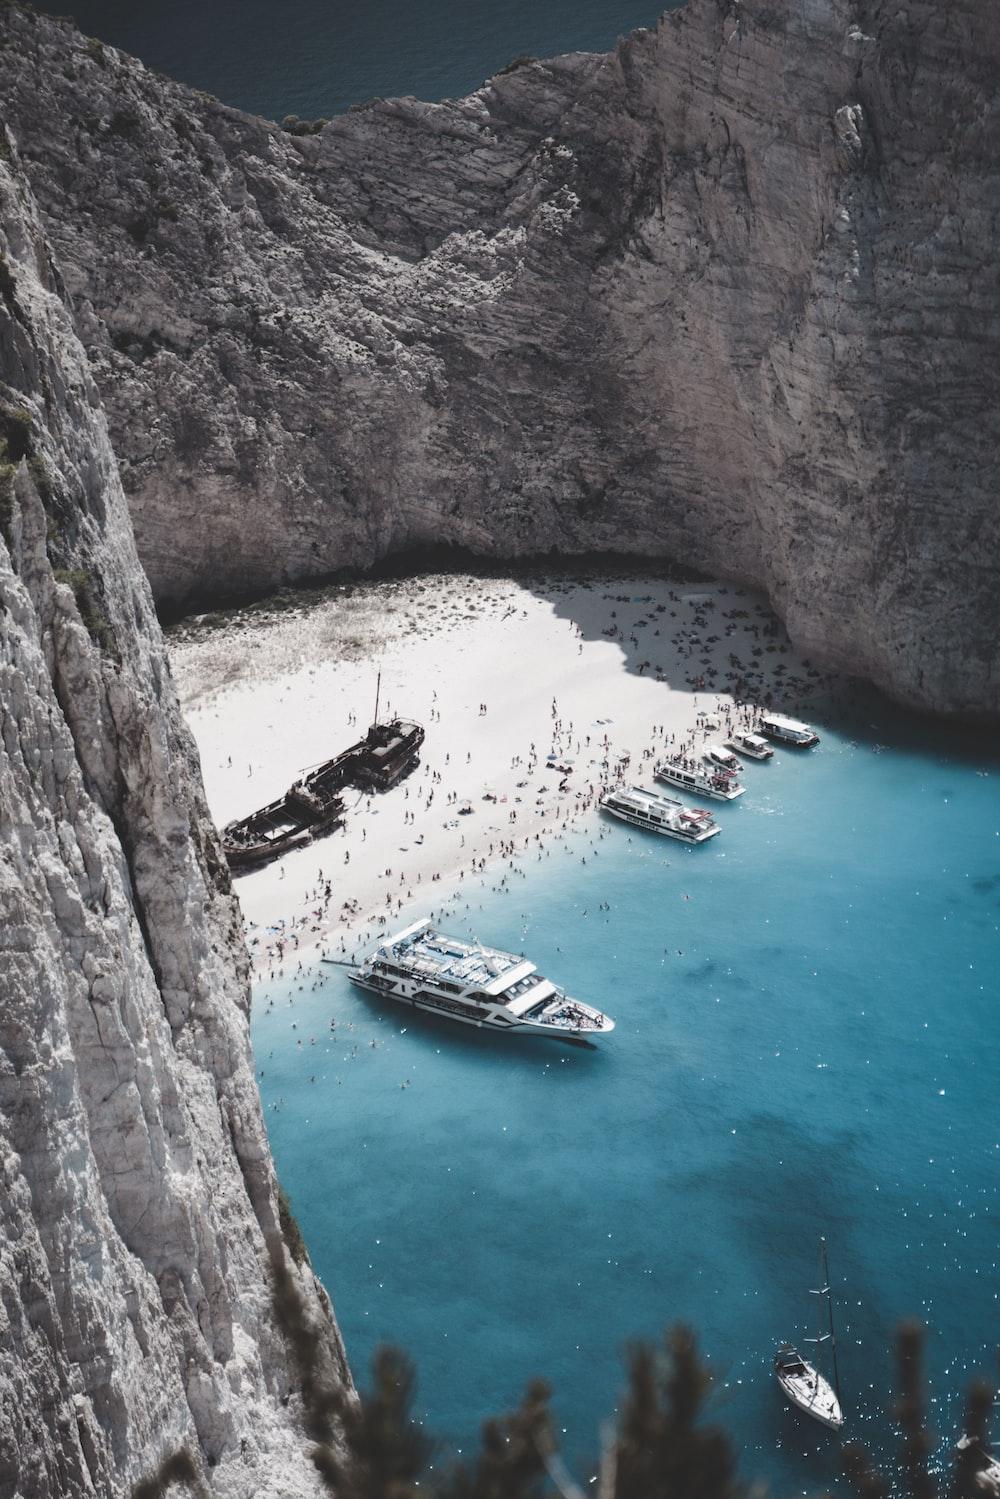 Sinking Ship, Greece